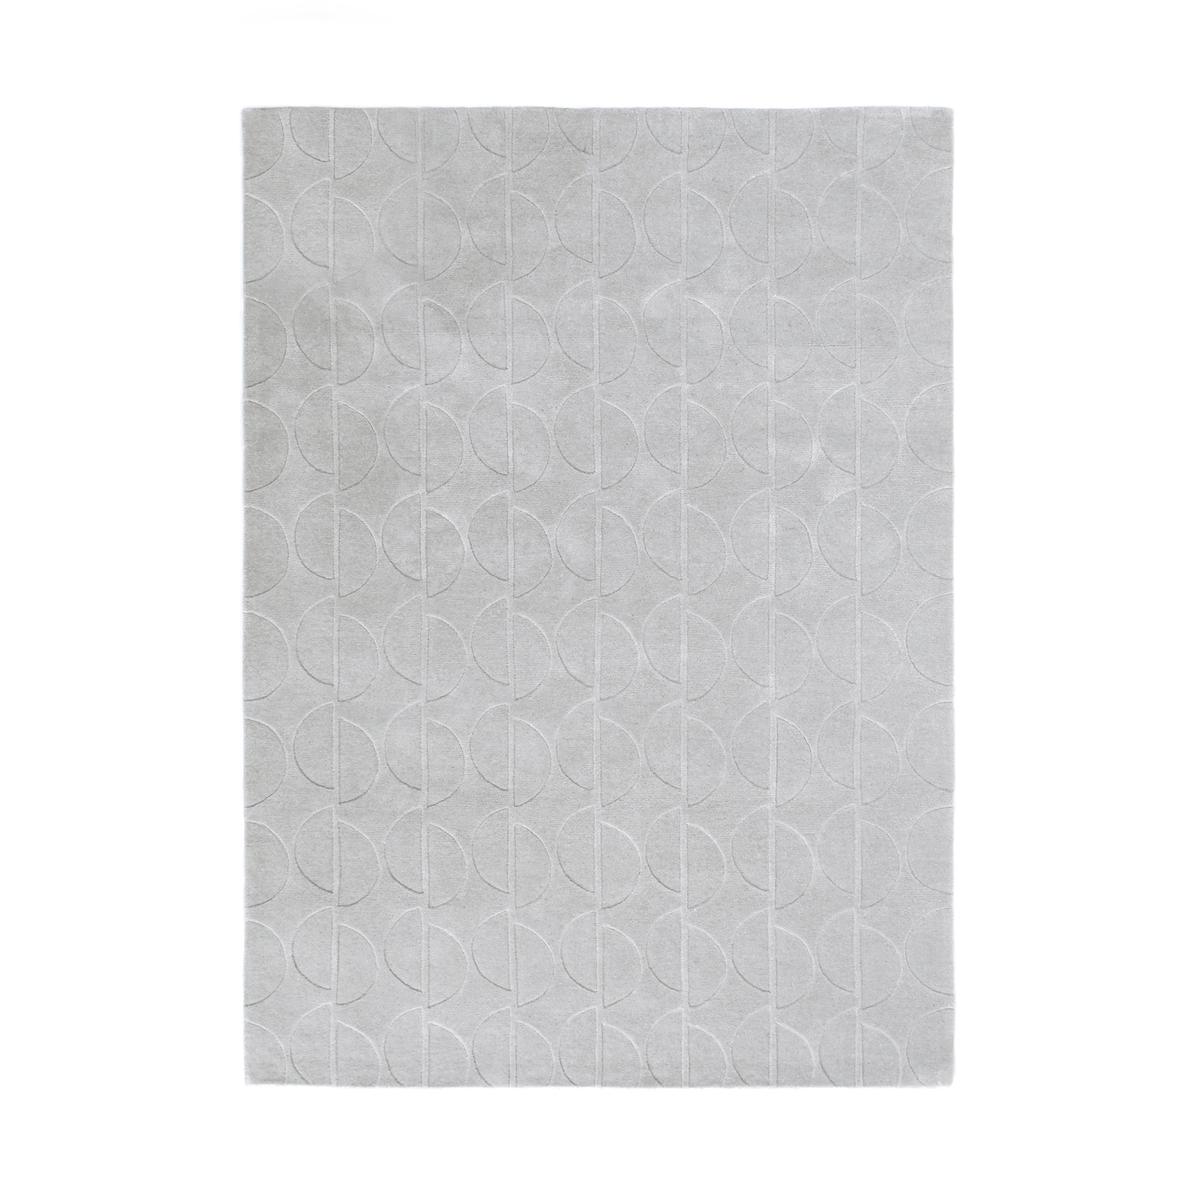 Ковер La Redoute Шерстяной ANDREA 120 x 170 см серый